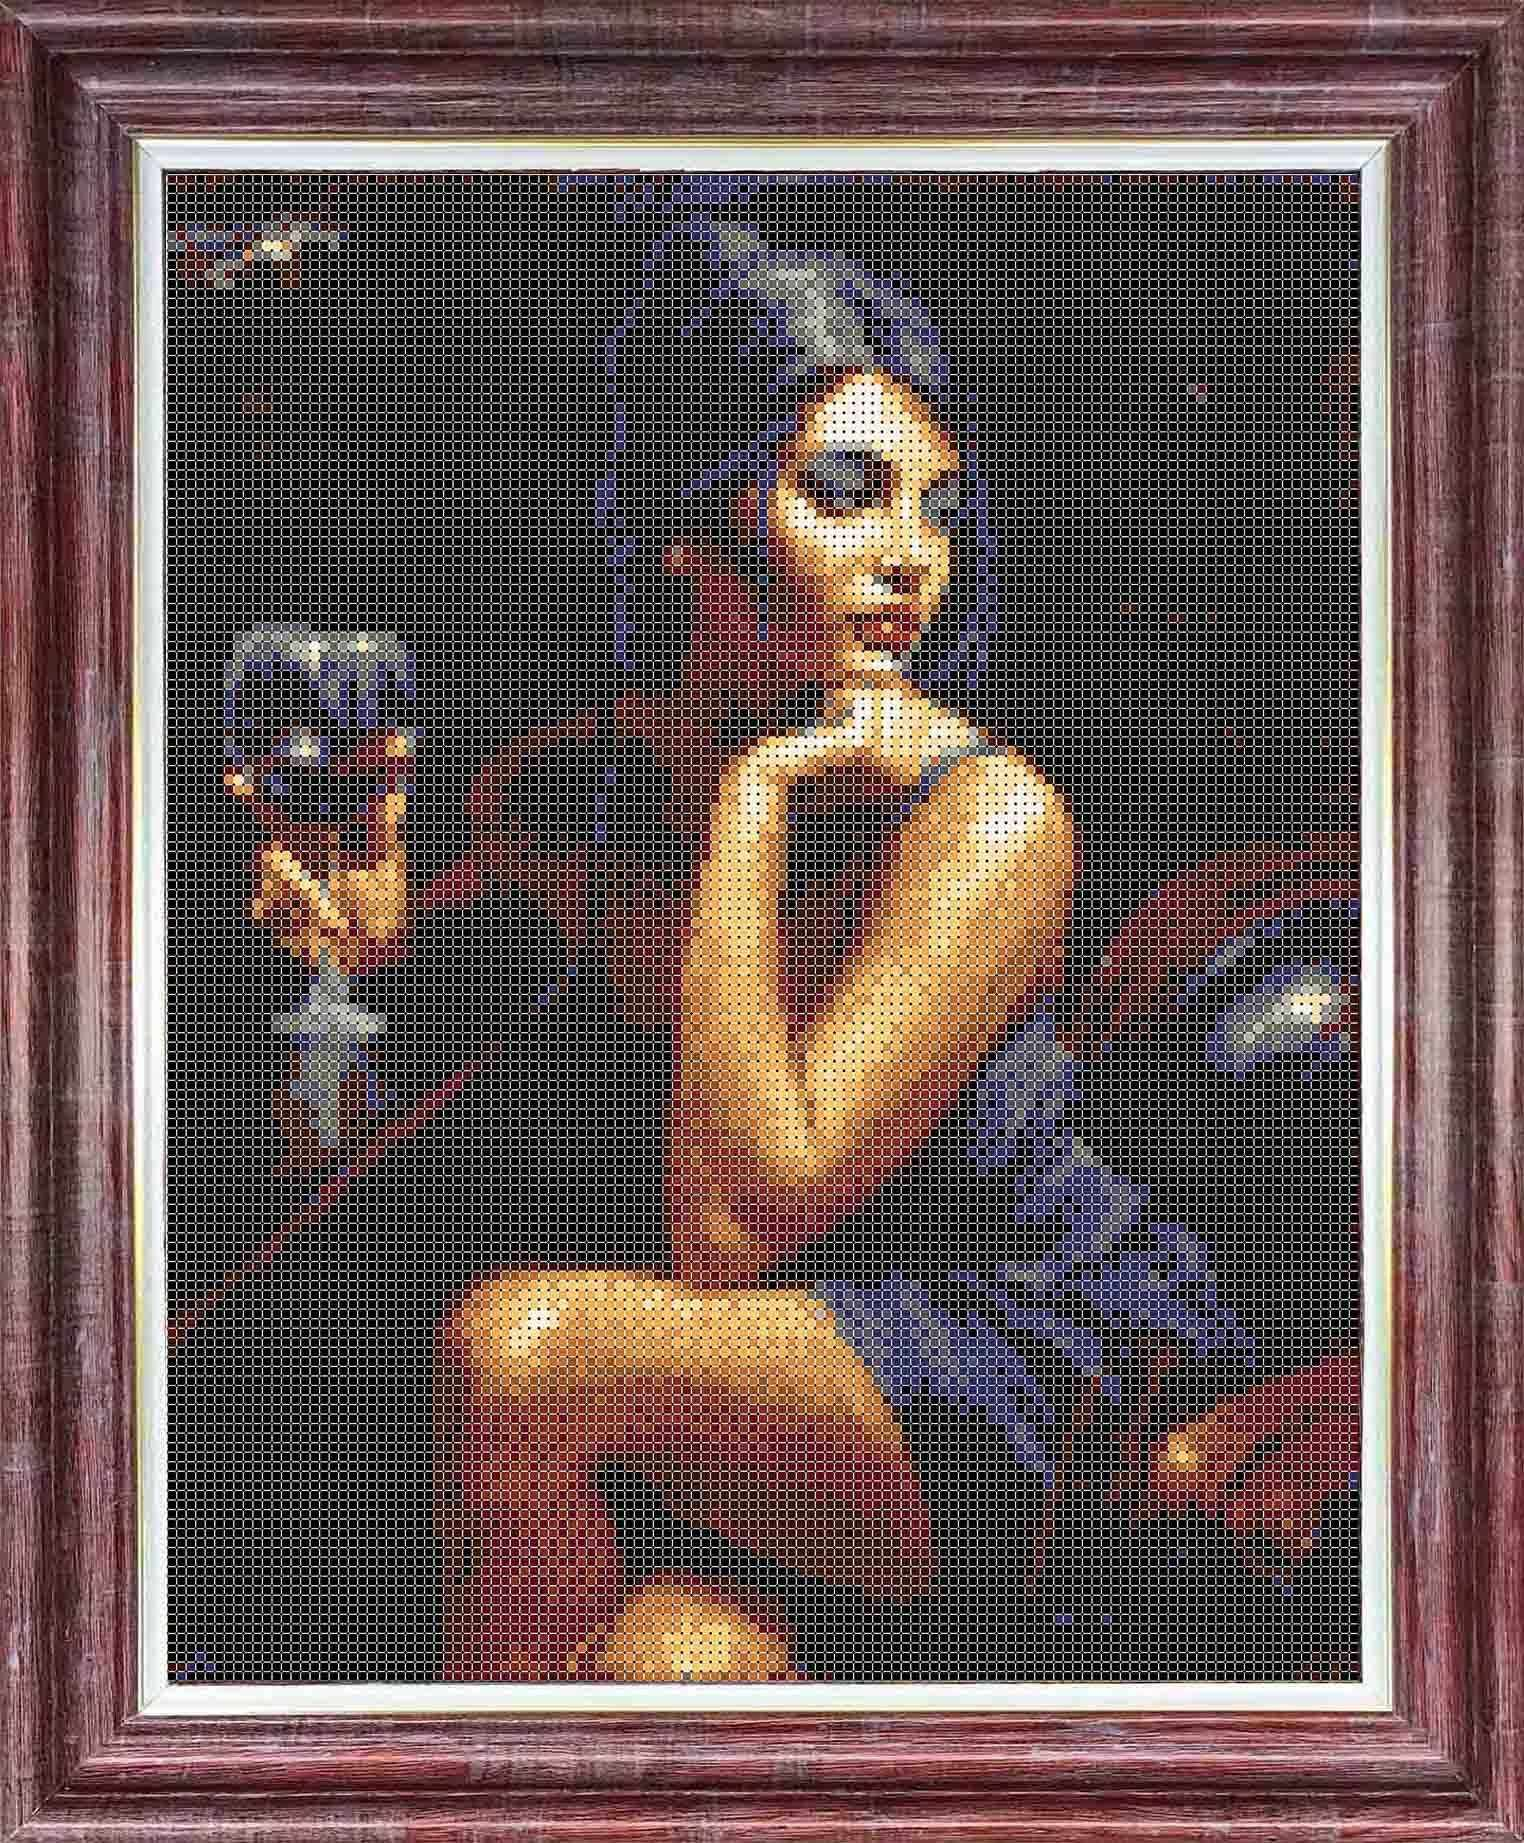 КТКН 146 (р) Девушка с бокалом -  набор (Каролинка)